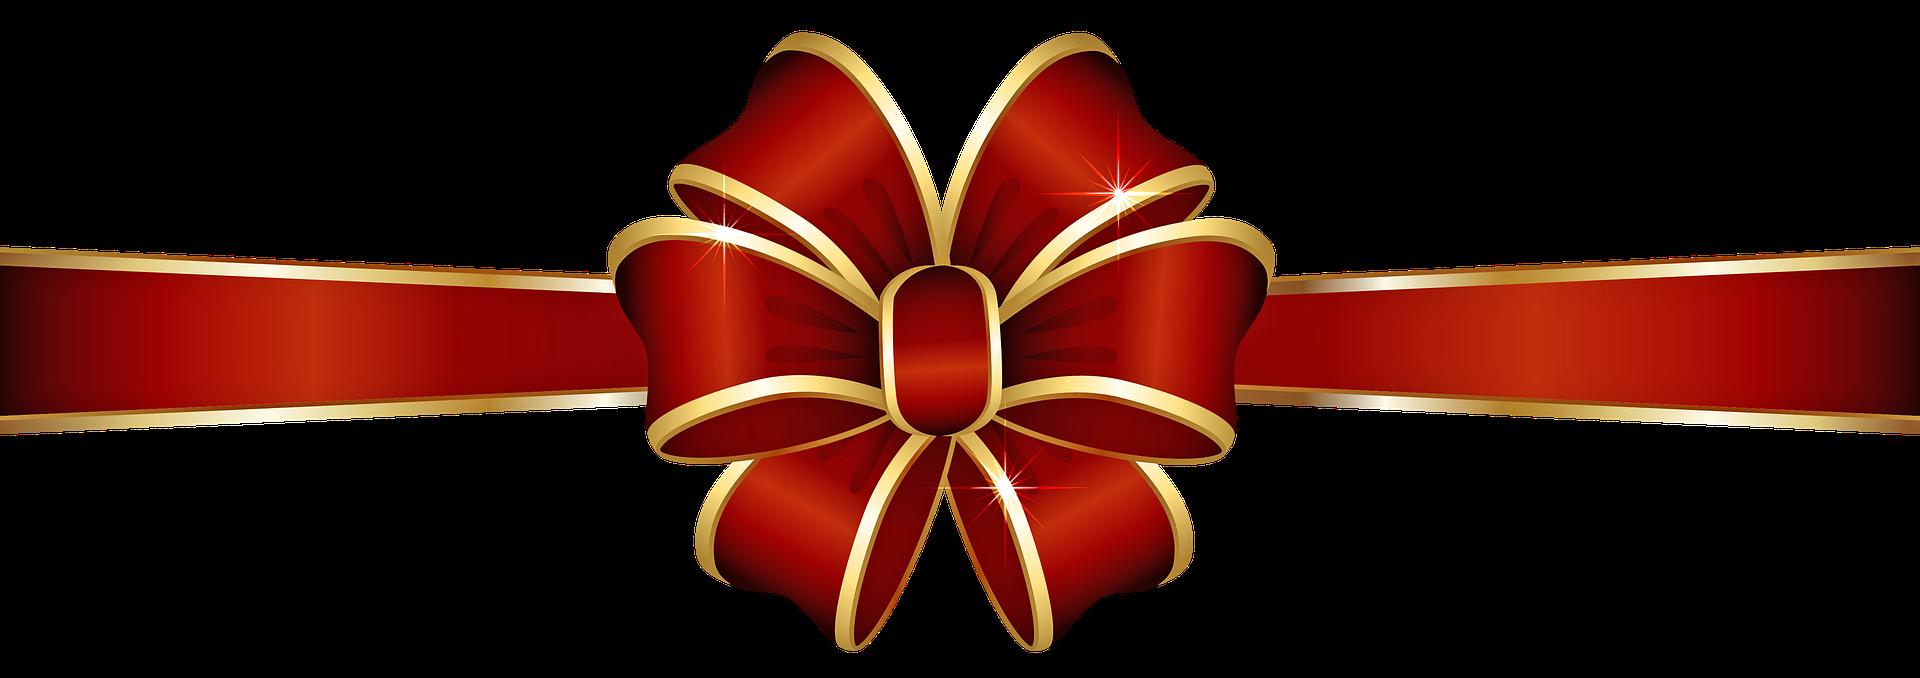 christmas-lights-4433296-1920-1-.png